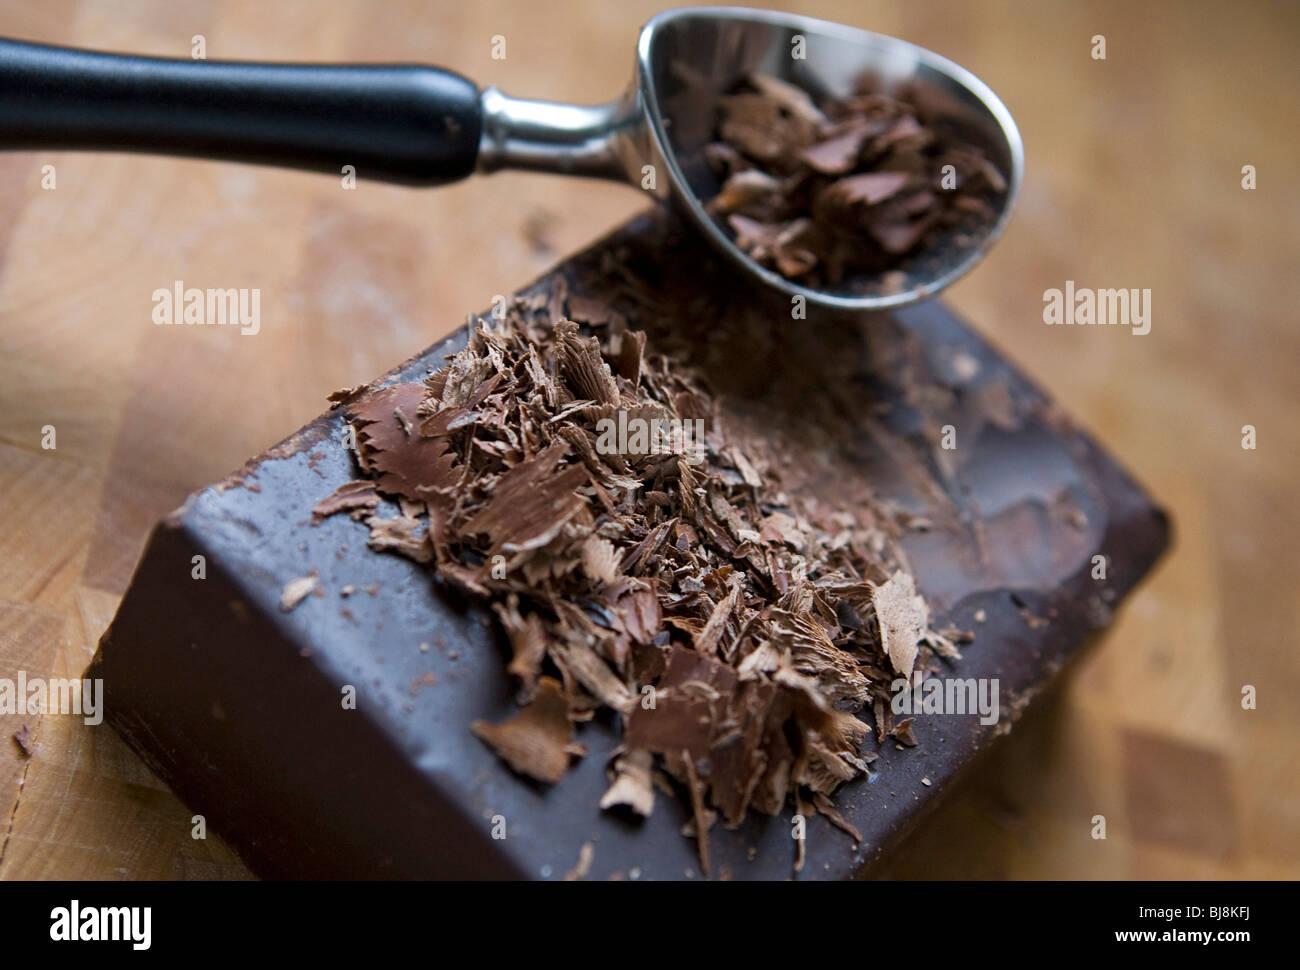 Un blocco di cioccolato fondente e cioccolato fondente a scaglie. Immagini Stock